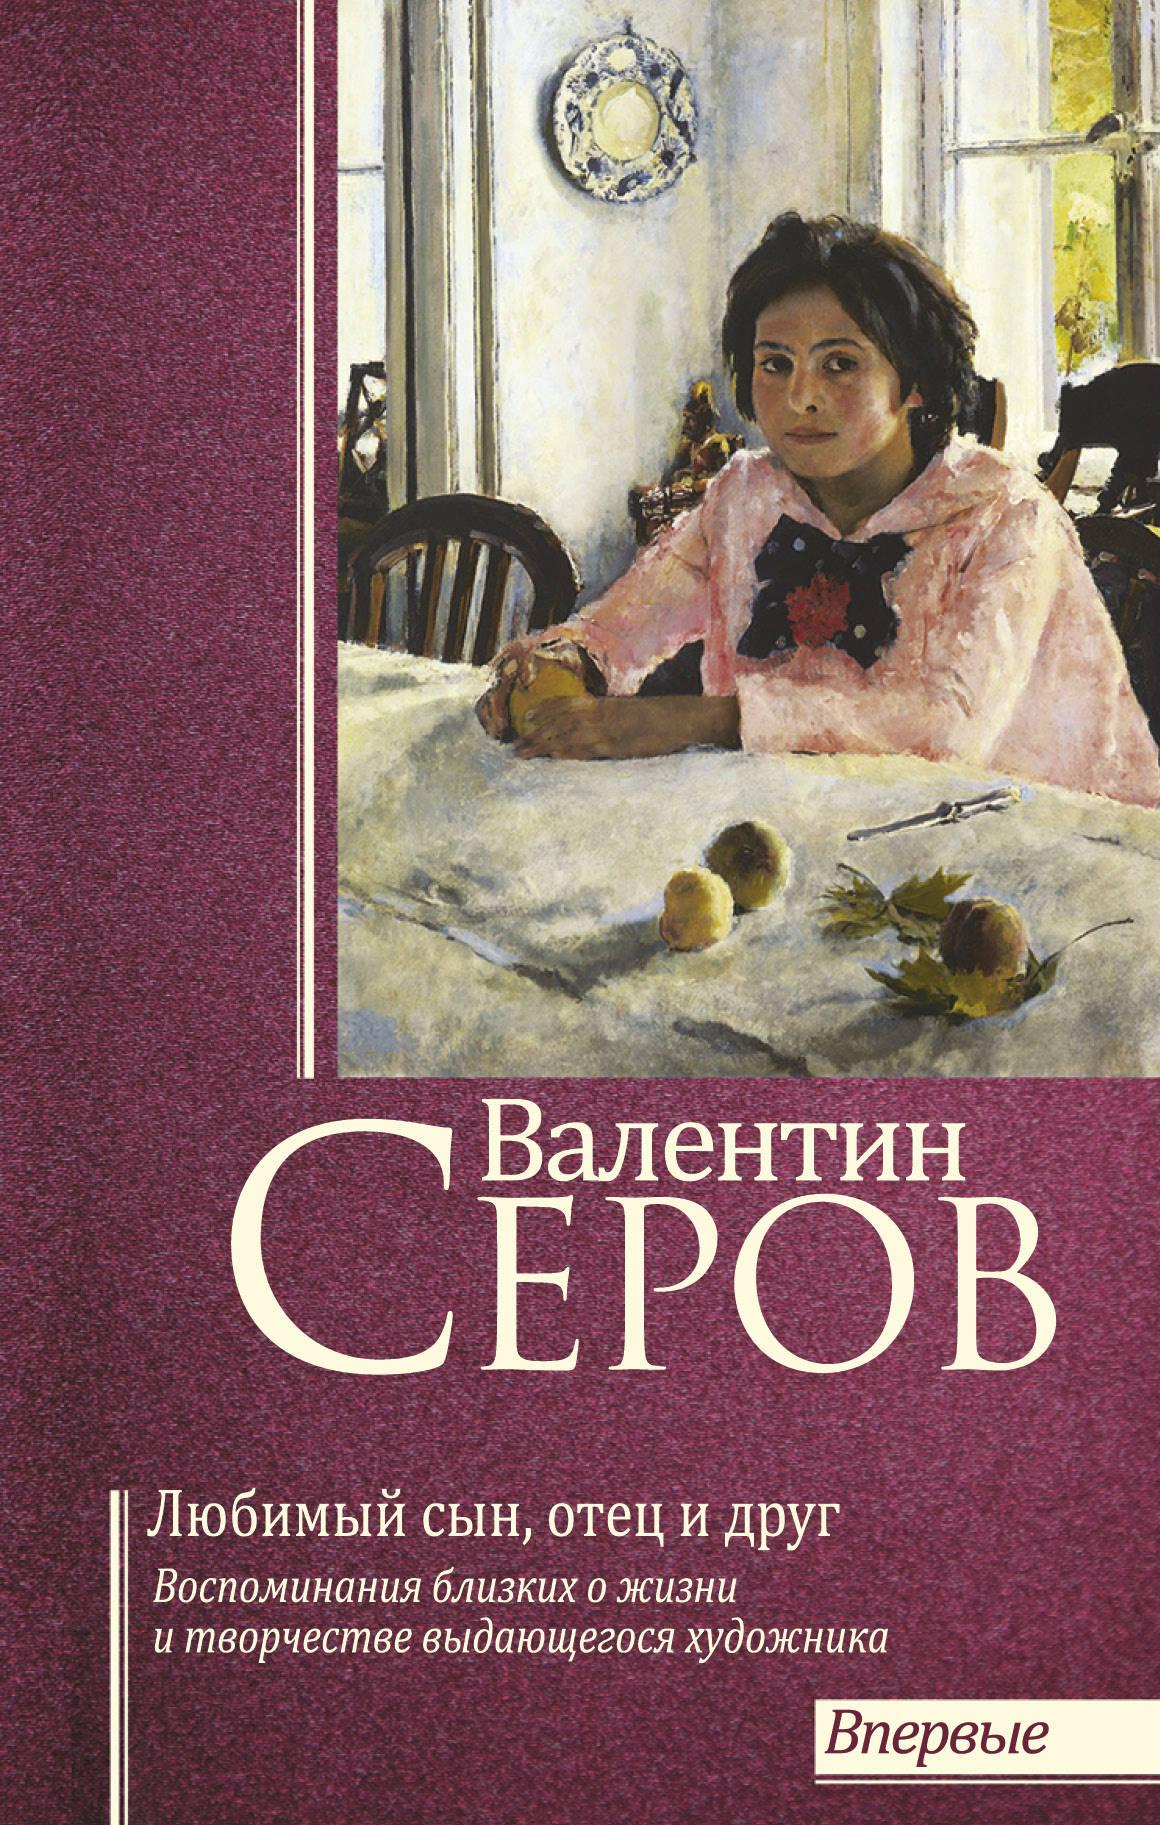 Валентин Серов. Любимый сын, отец и друг